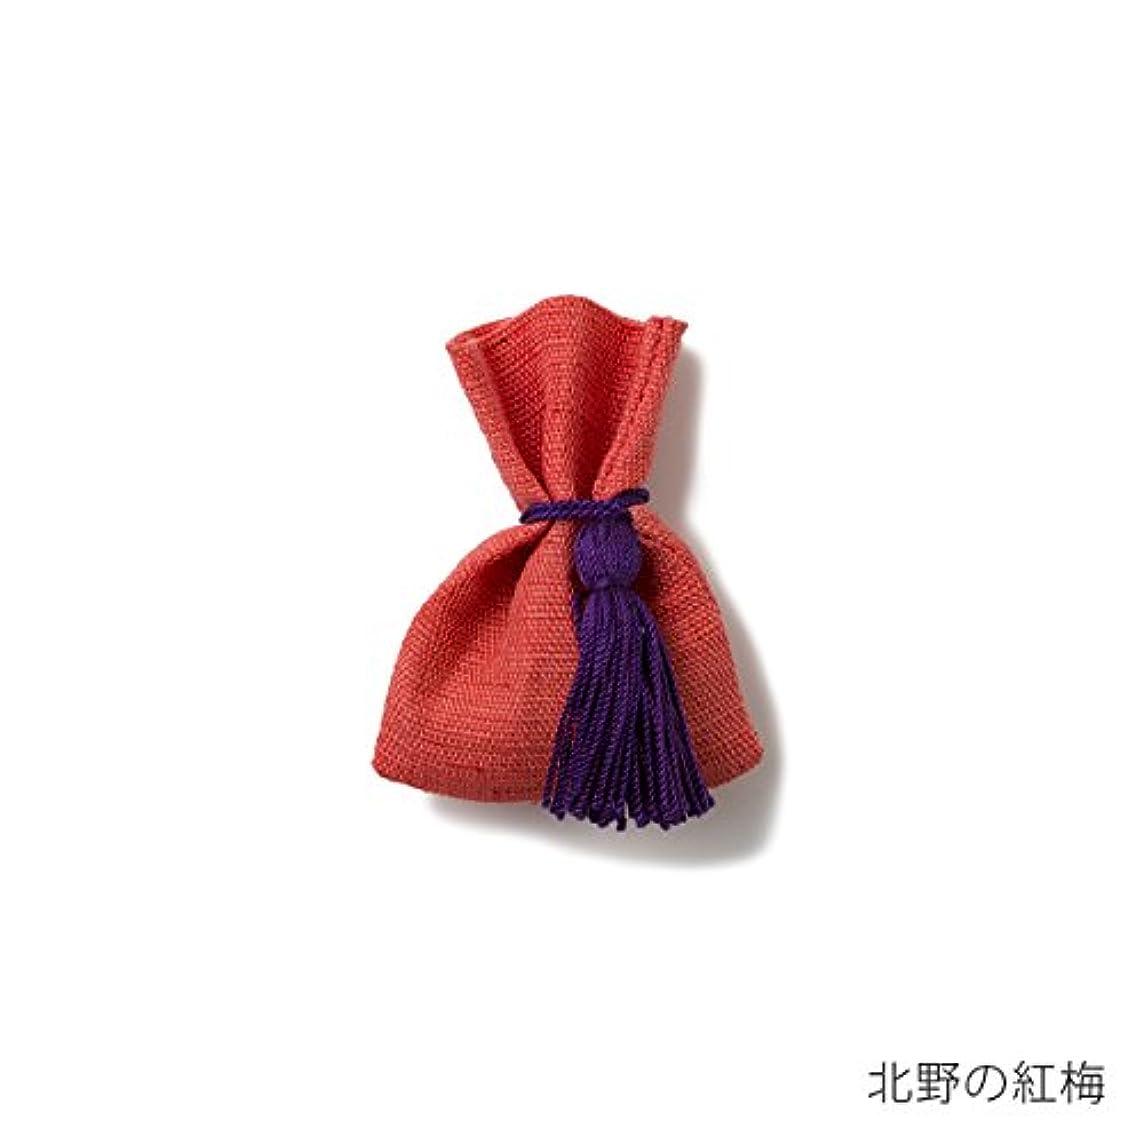 怠な正確にすすり泣き【薫玉堂】 京の香り 香袋 北野の紅梅